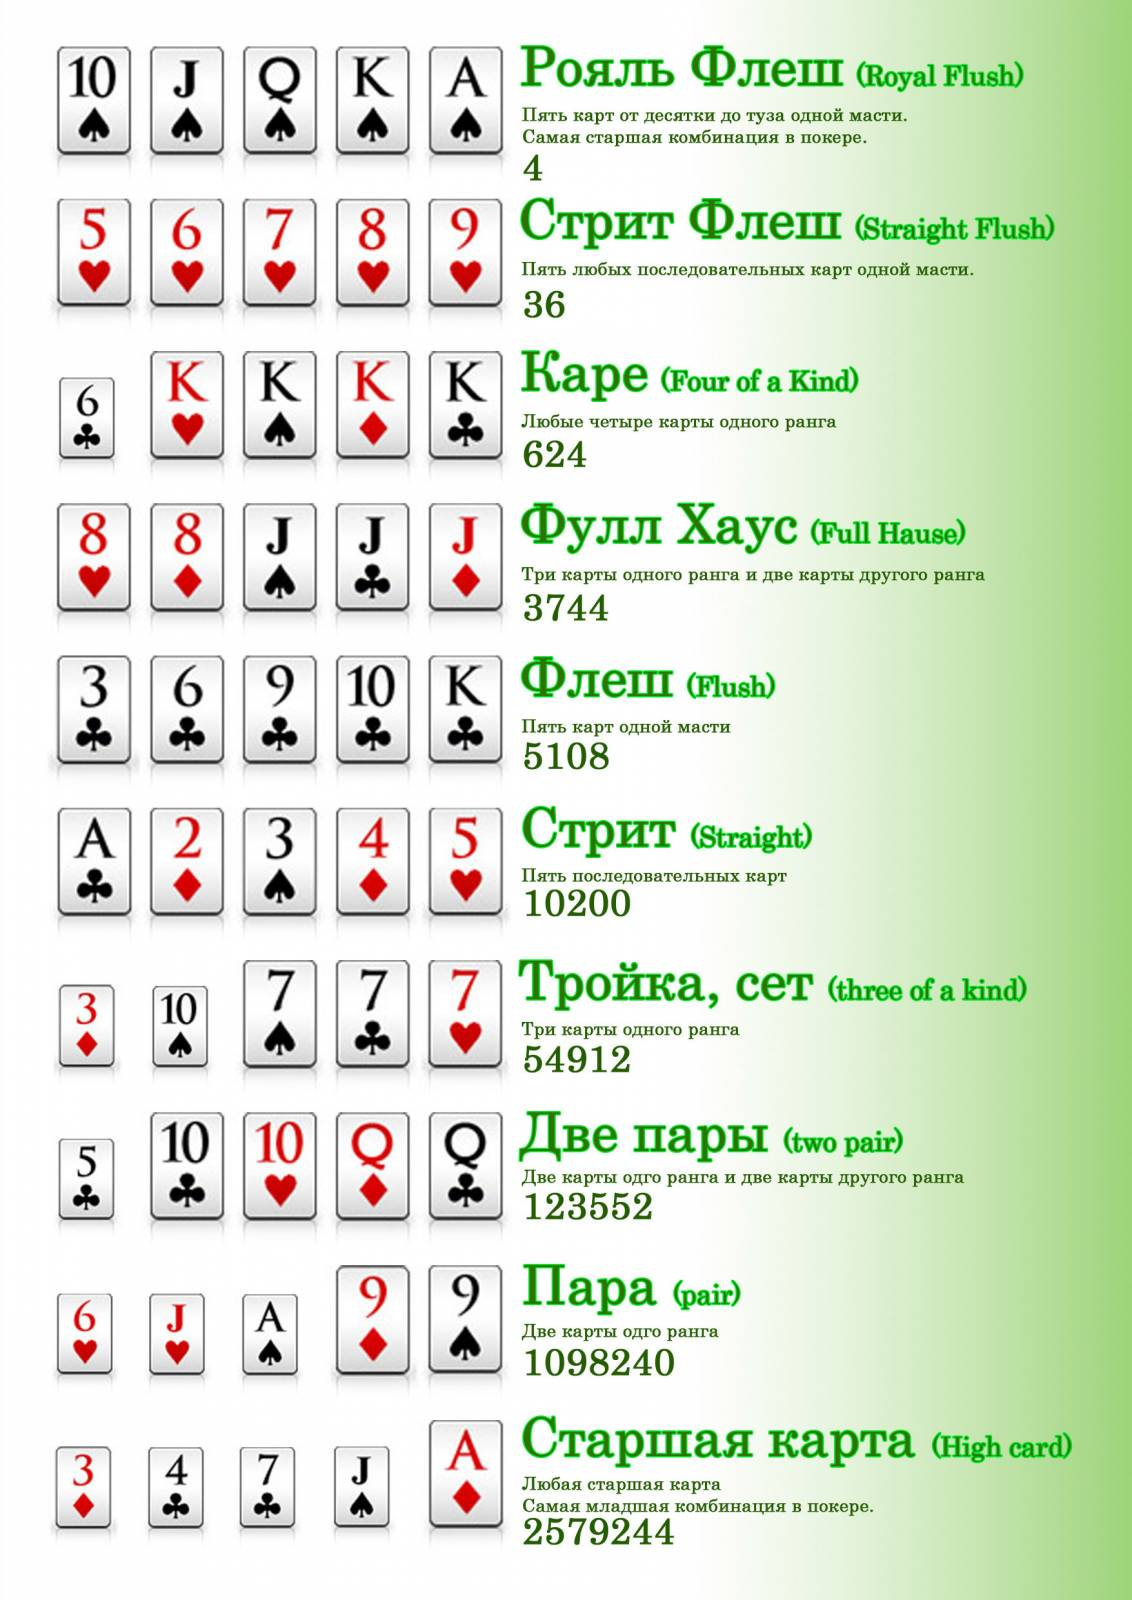 Играть i покер по 5 карт купить онлайн казино с лицензией цена